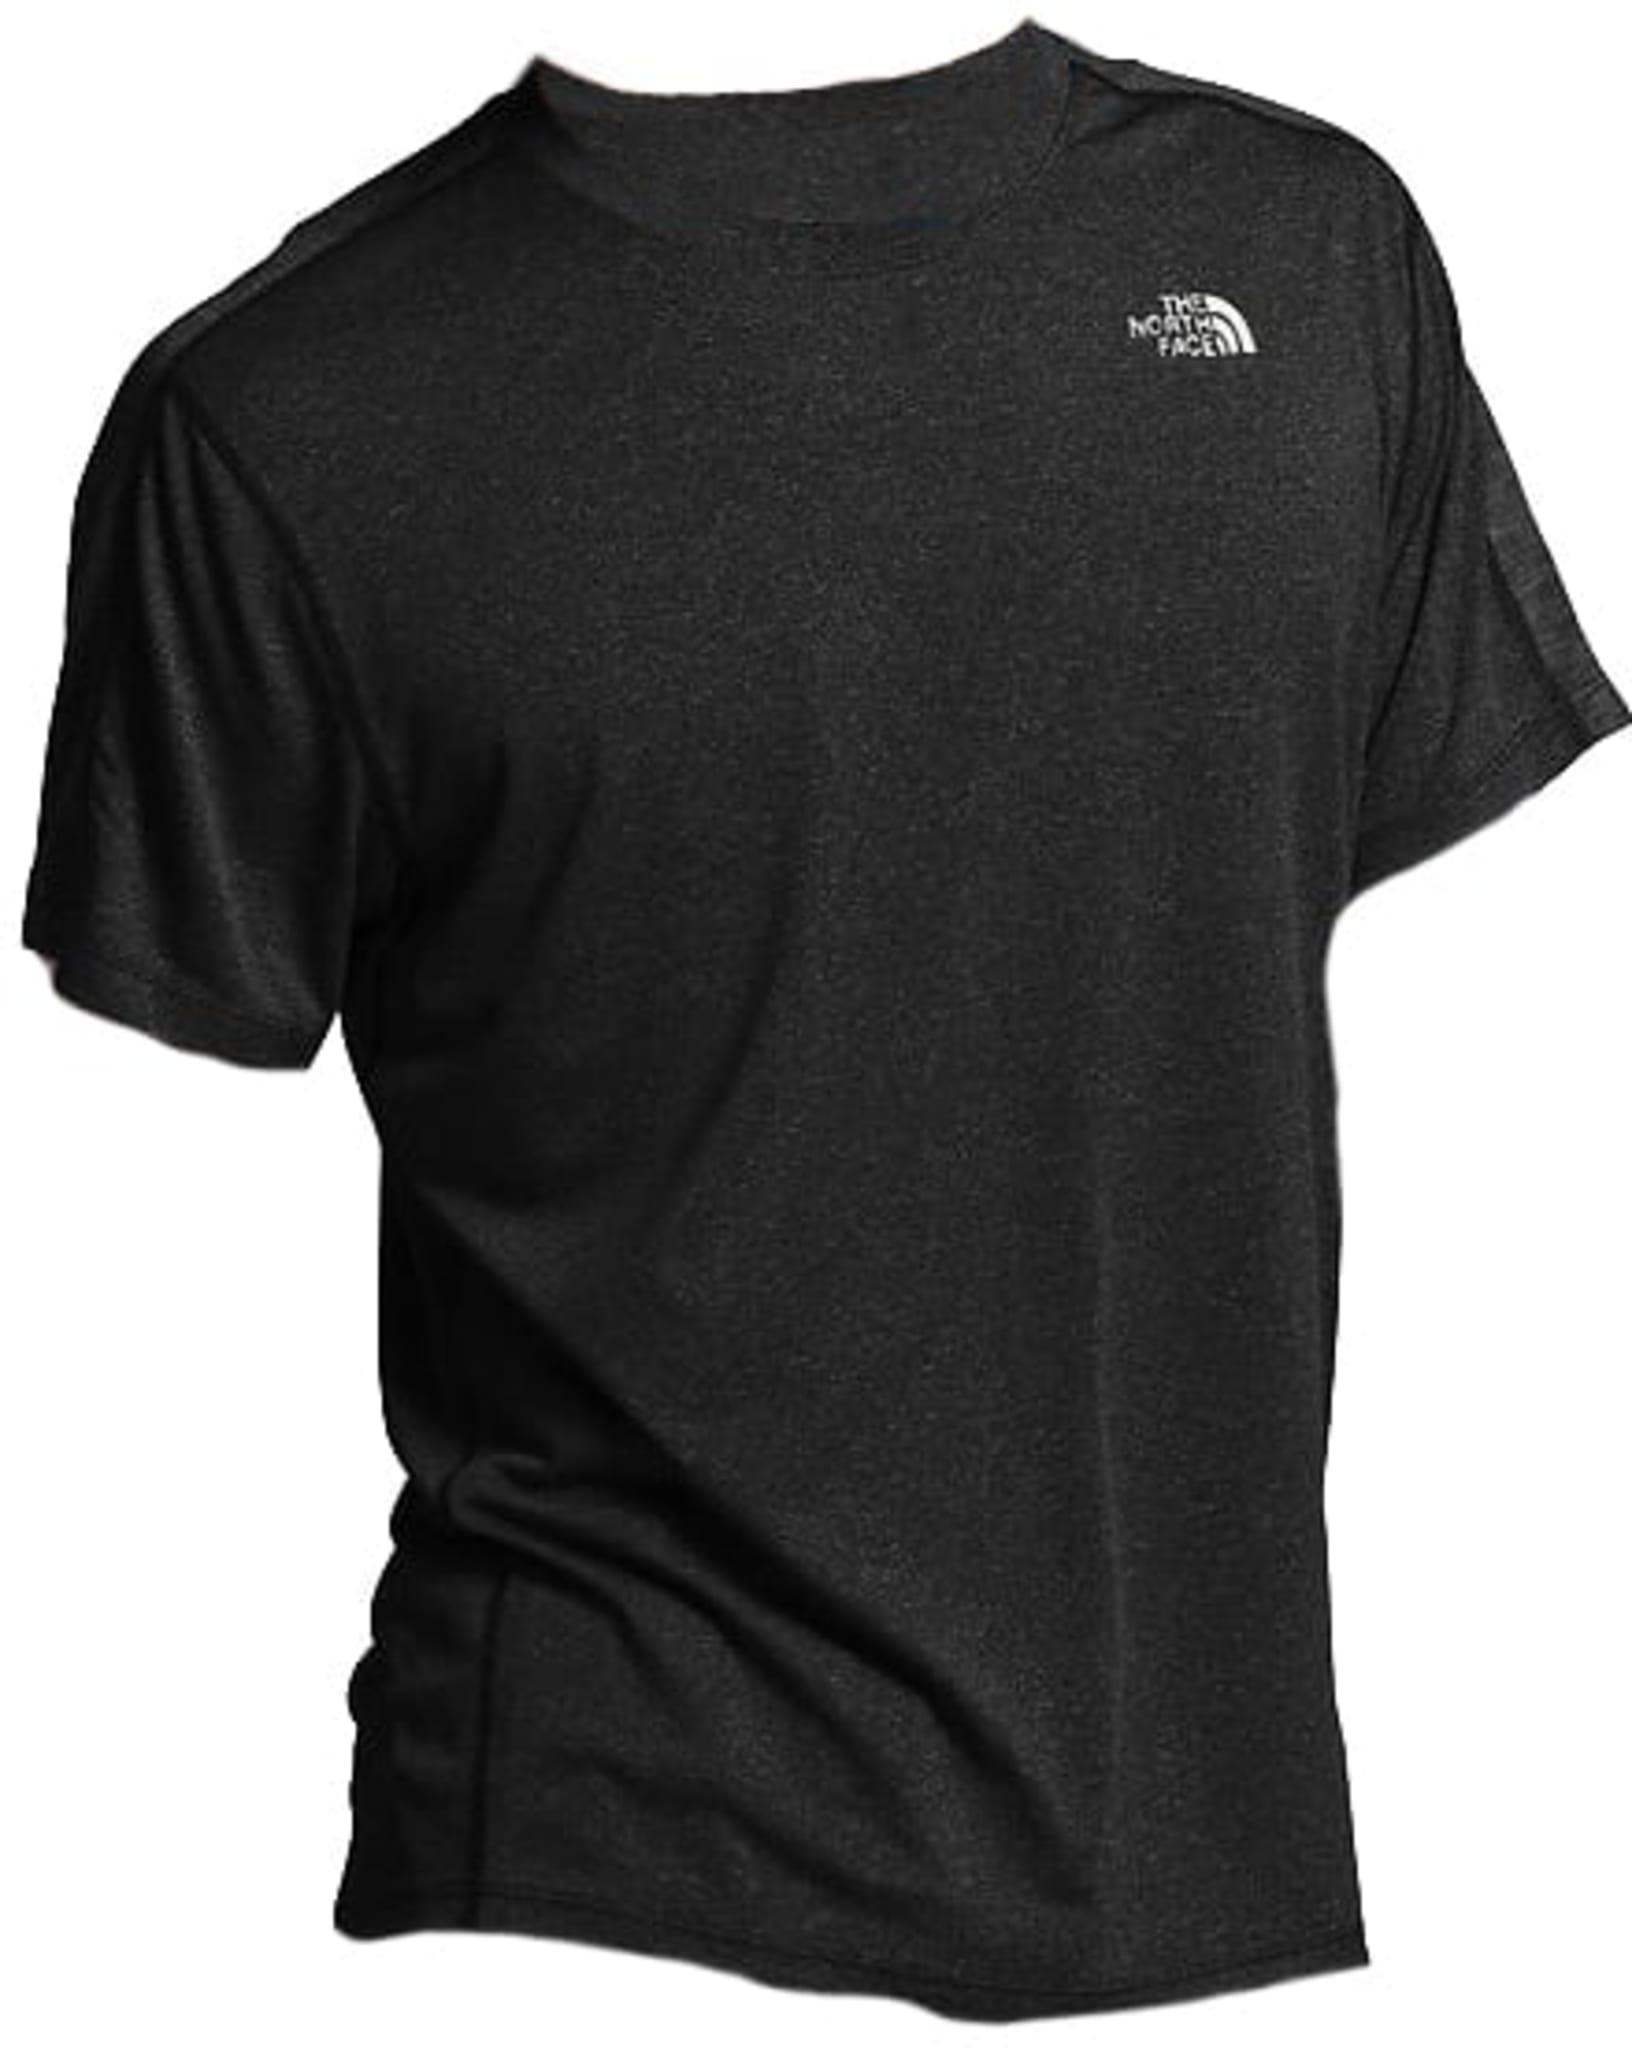 Denne t-skjorten til The North Face er utrolig myk og lett, og holder deg tørr og avkjølt under løpeturer på varme sommerdager.